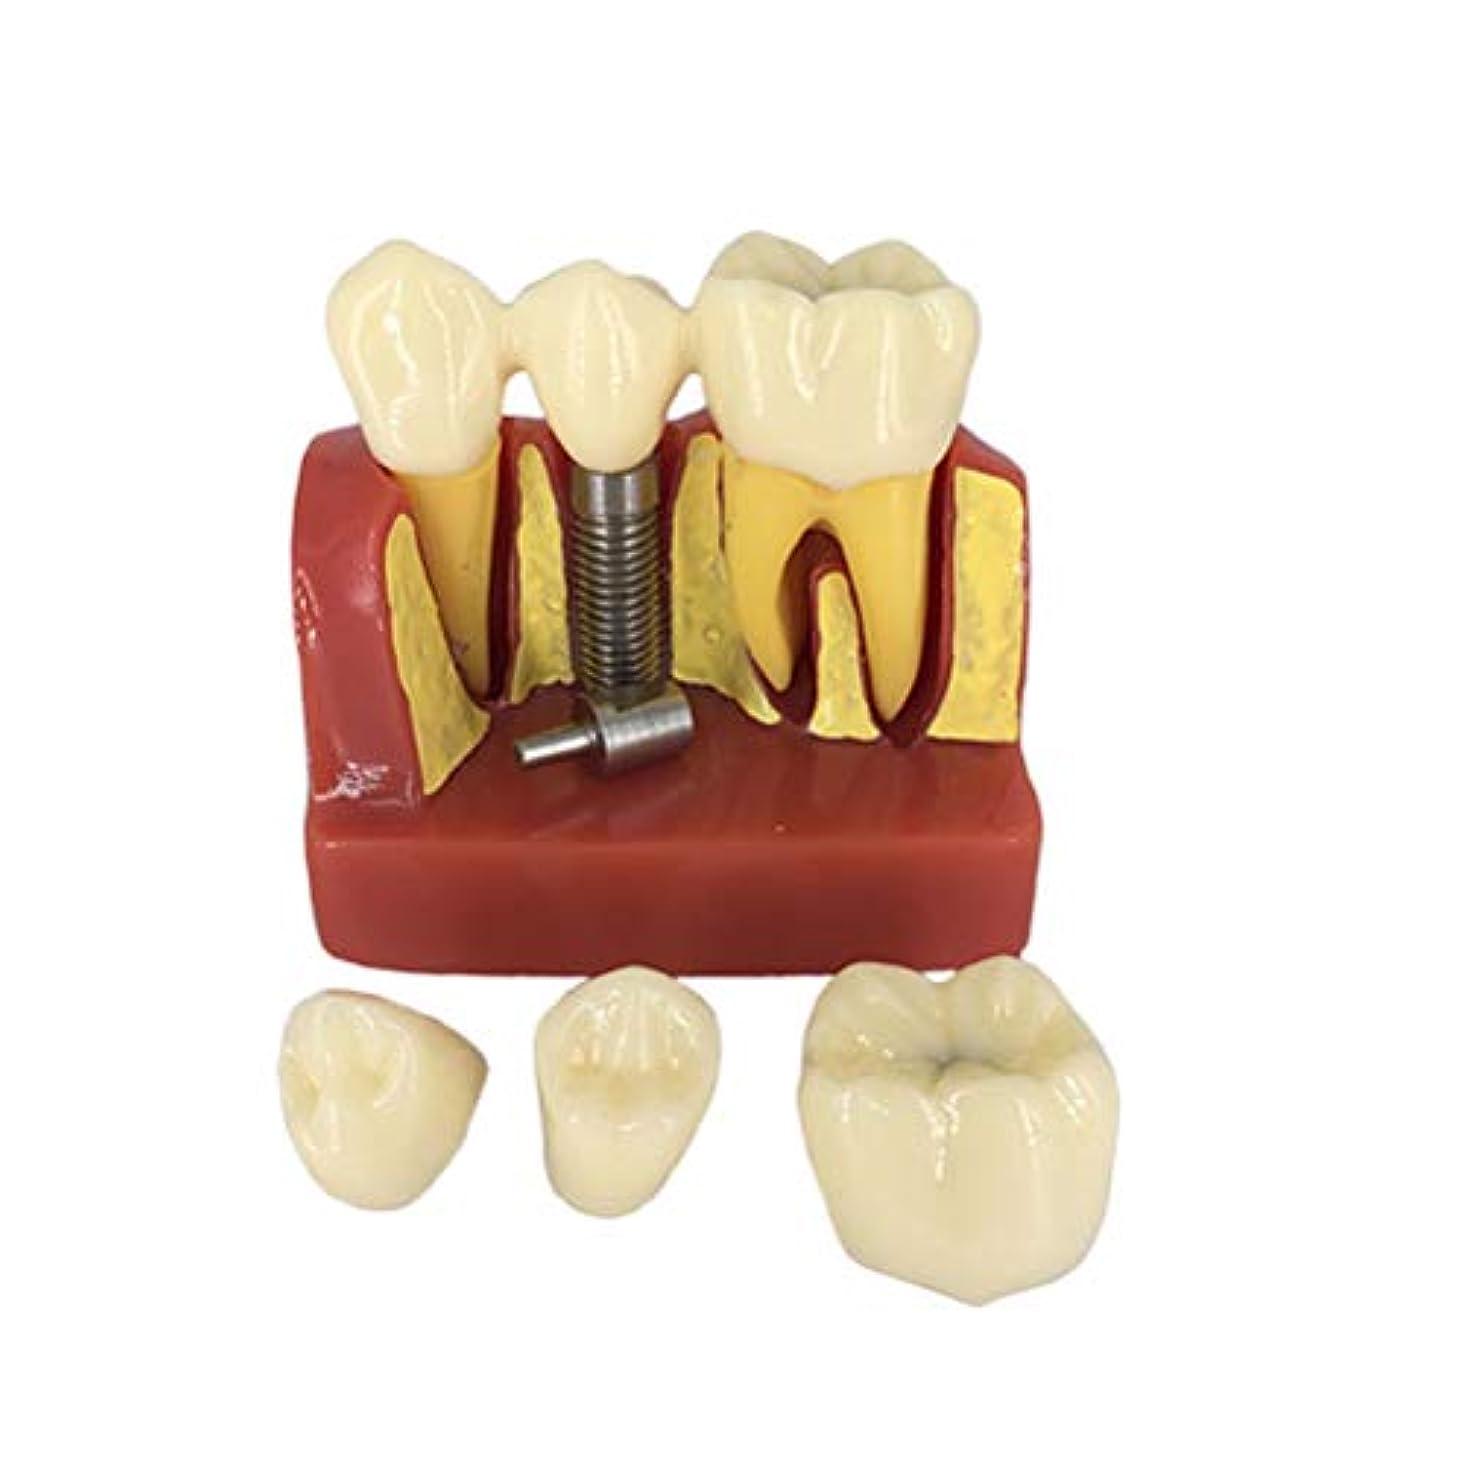 とまり木どっちアンタゴニストHEALIFTY デンタルデモンストレーション歯モデルデンタルモードを教える標準的な研究